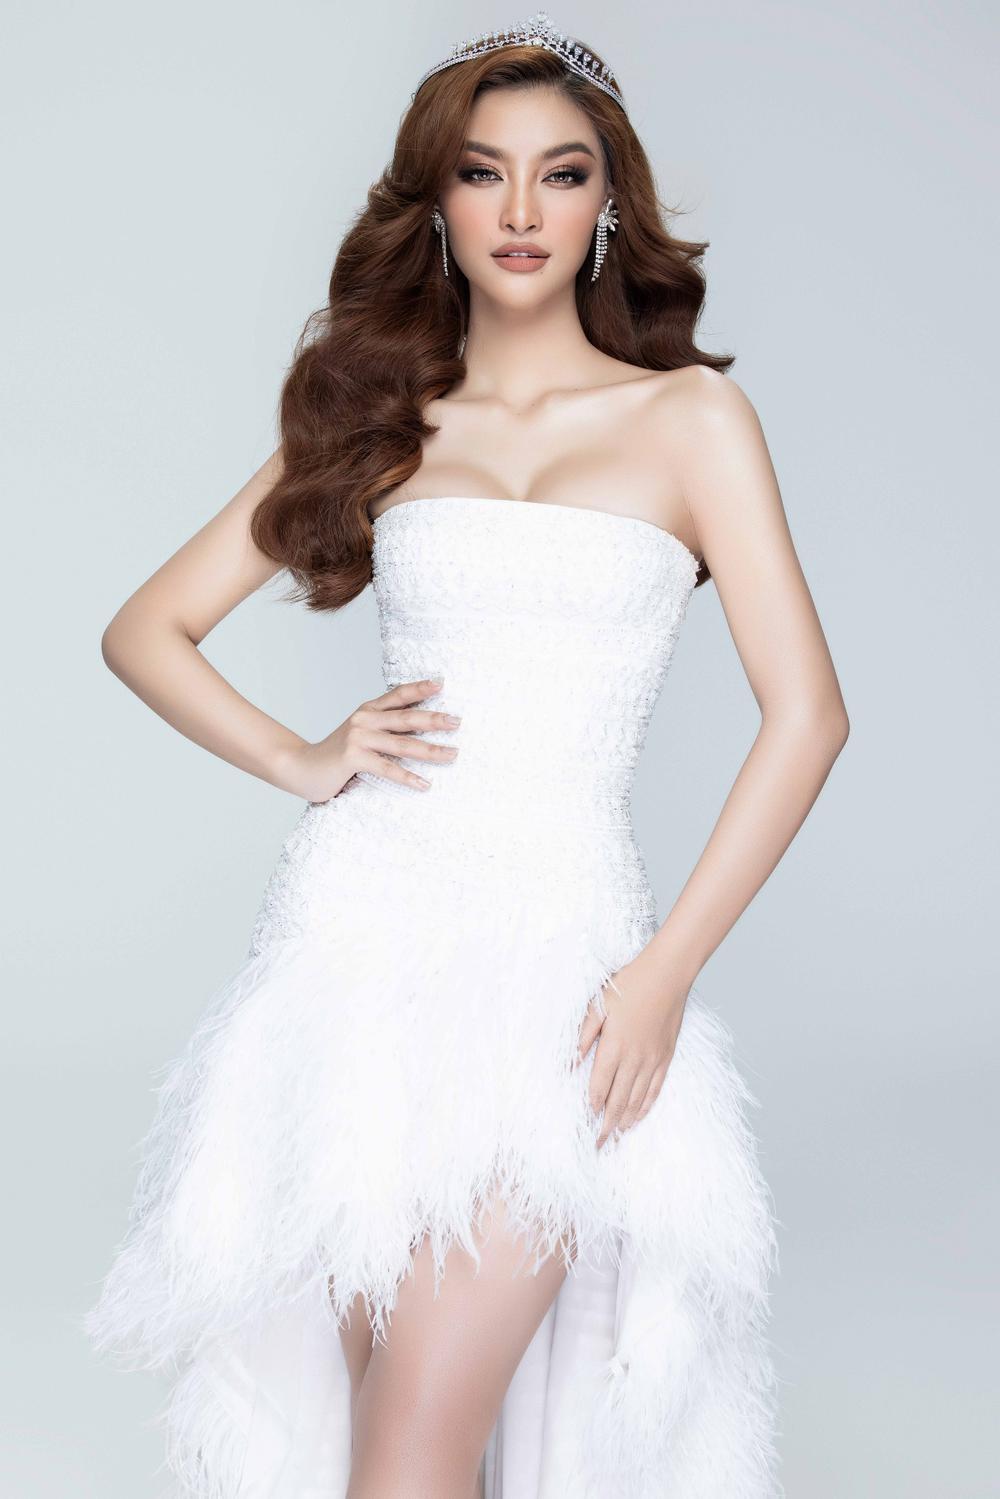 Trưởng Ban giám khảo Miss Charm: 'Cho phép phẫu thuật thẩm mỹ để tránh bỏ phí những nhan sắc nổi bật' Ảnh 9